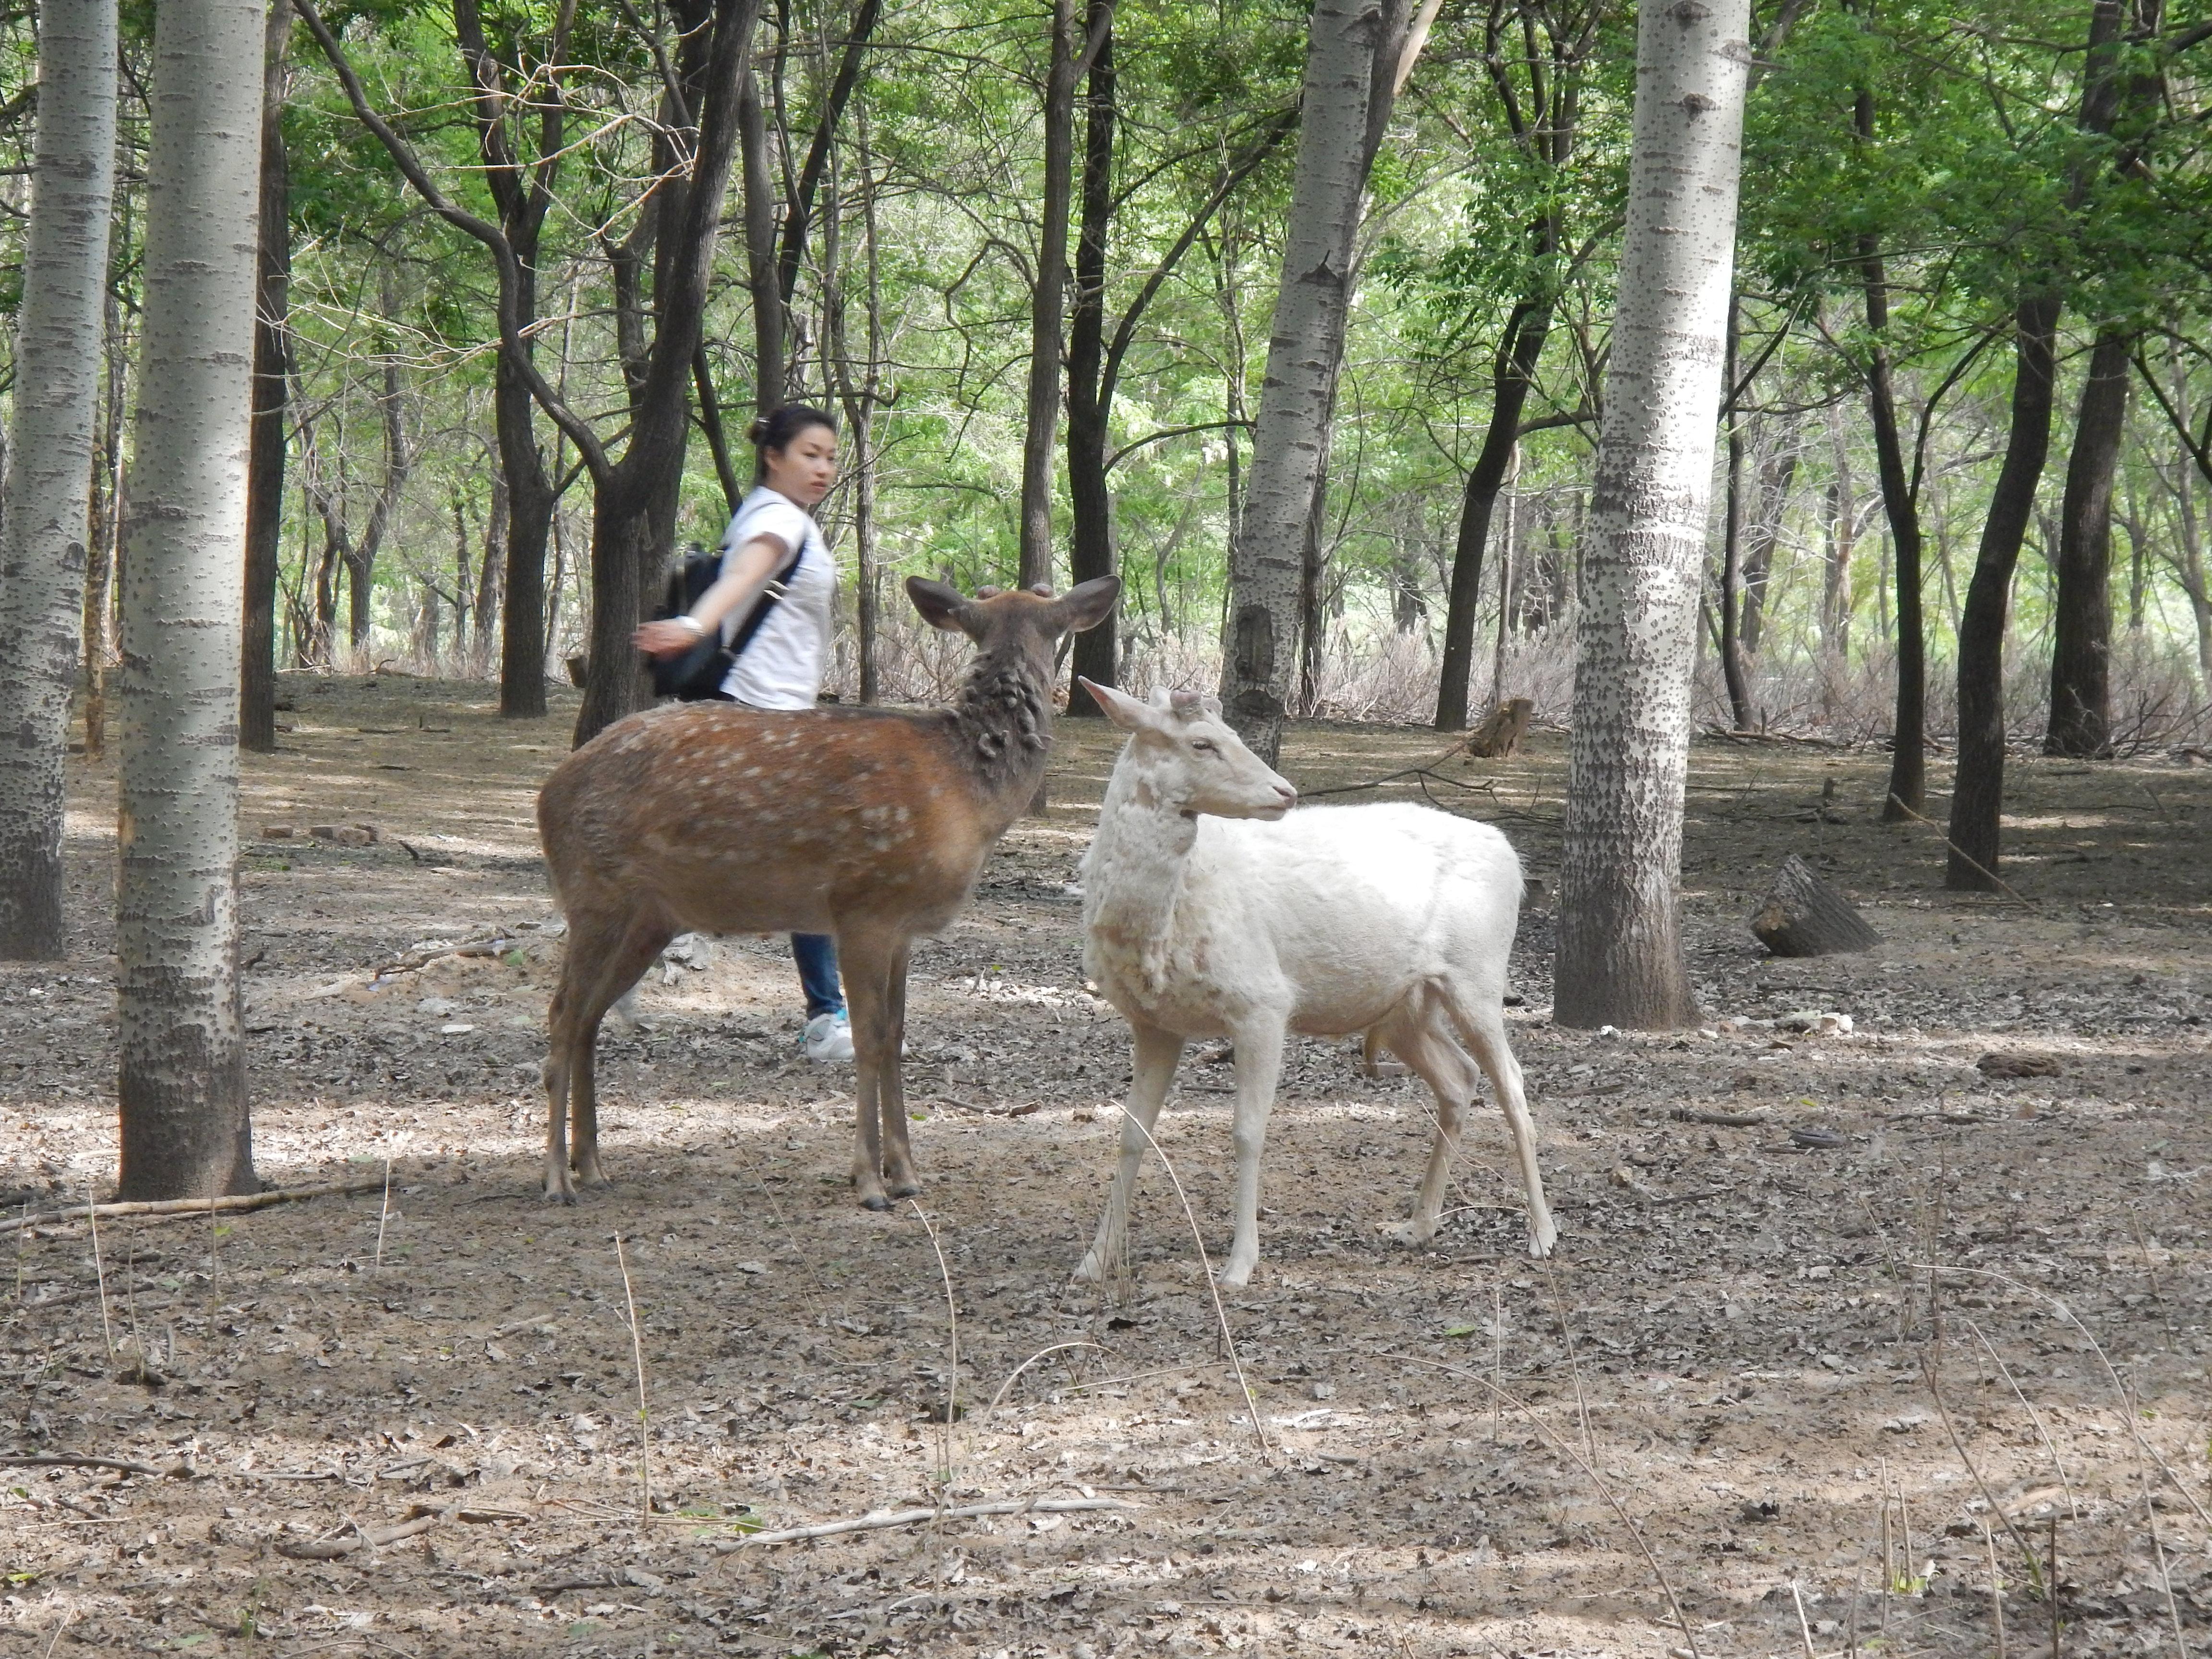 北京野生动物园 北京野生动物园 自己开着电瓶车悠悠闲闲,走走停停.